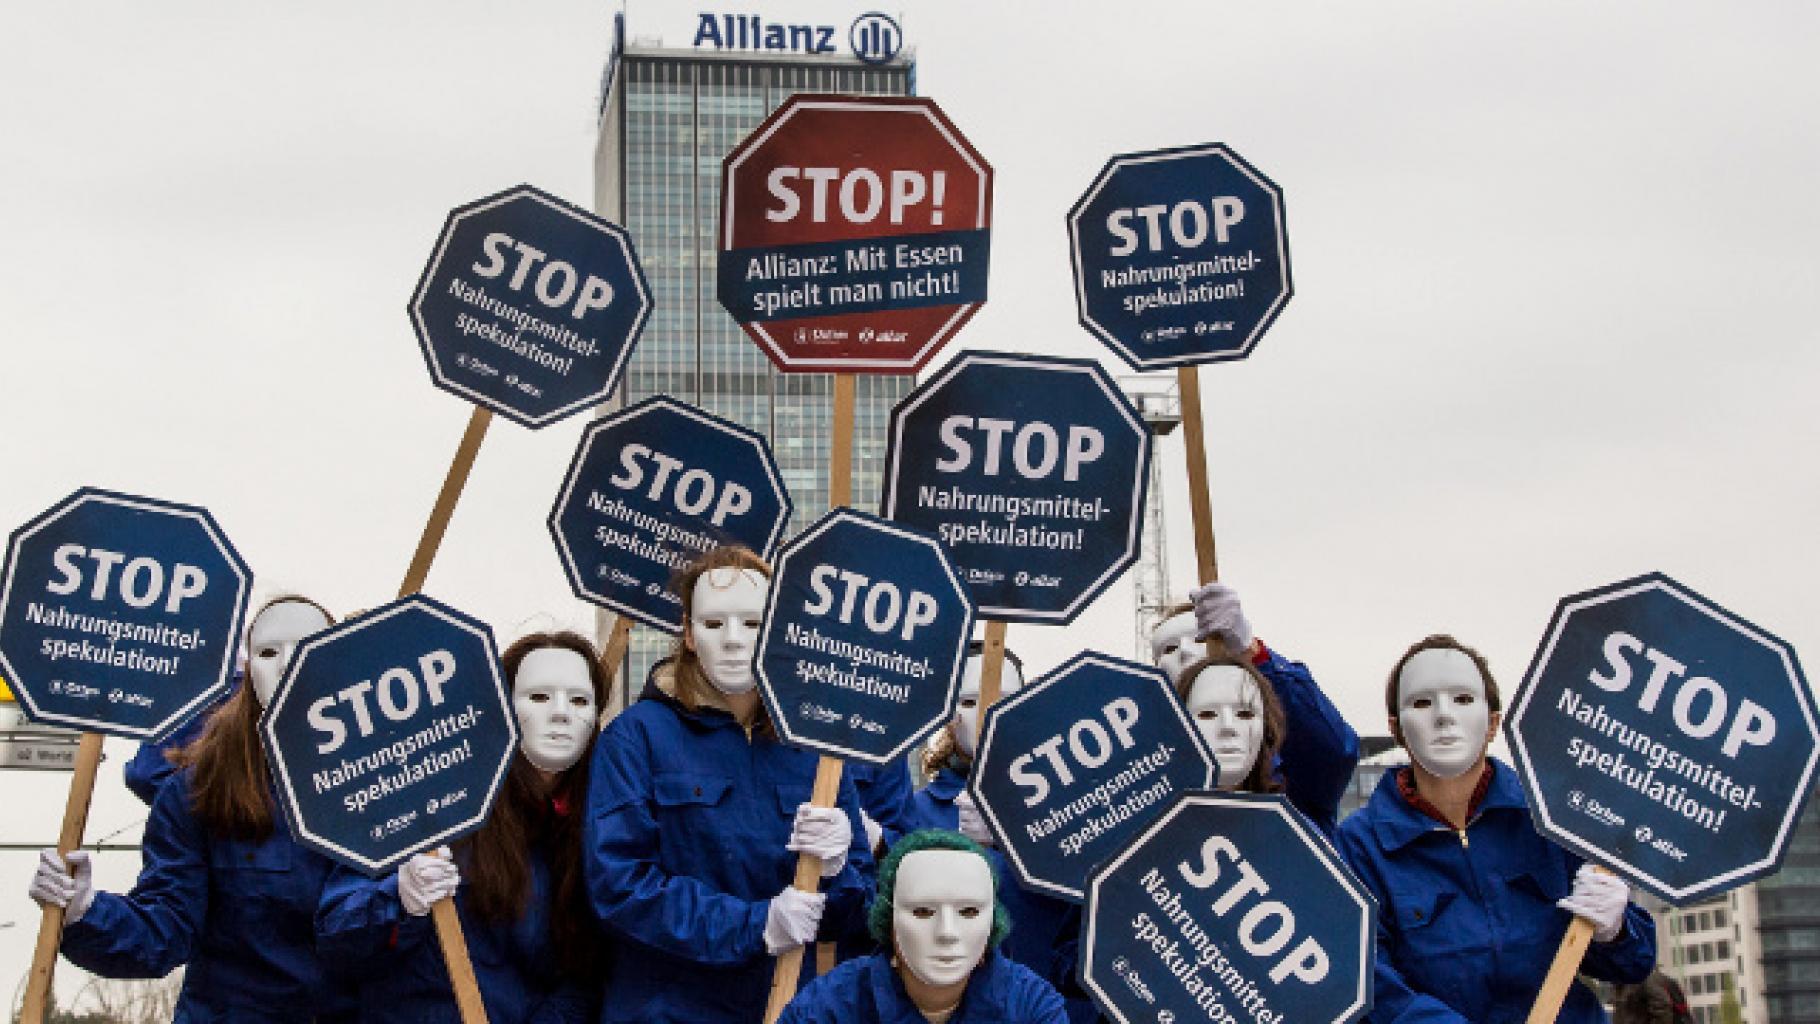 """Demo mit Schildern: """"Nahrungsmittelspekulation stoppen!"""" vor Allianz-Gebäude"""